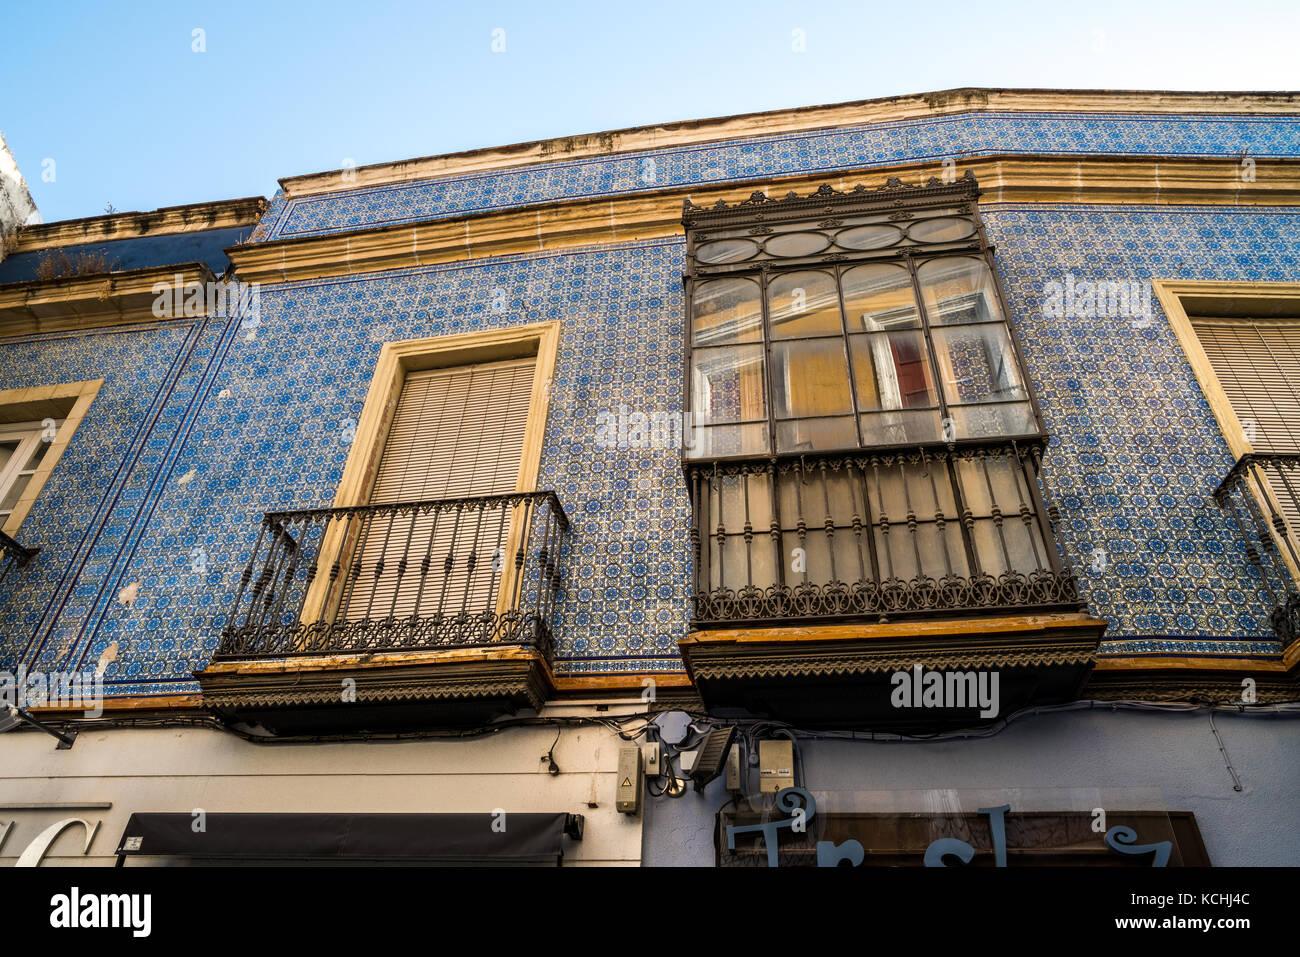 Azulejos andalusia stock photos azulejos andalusia stock for Azulejos jerez de la frontera